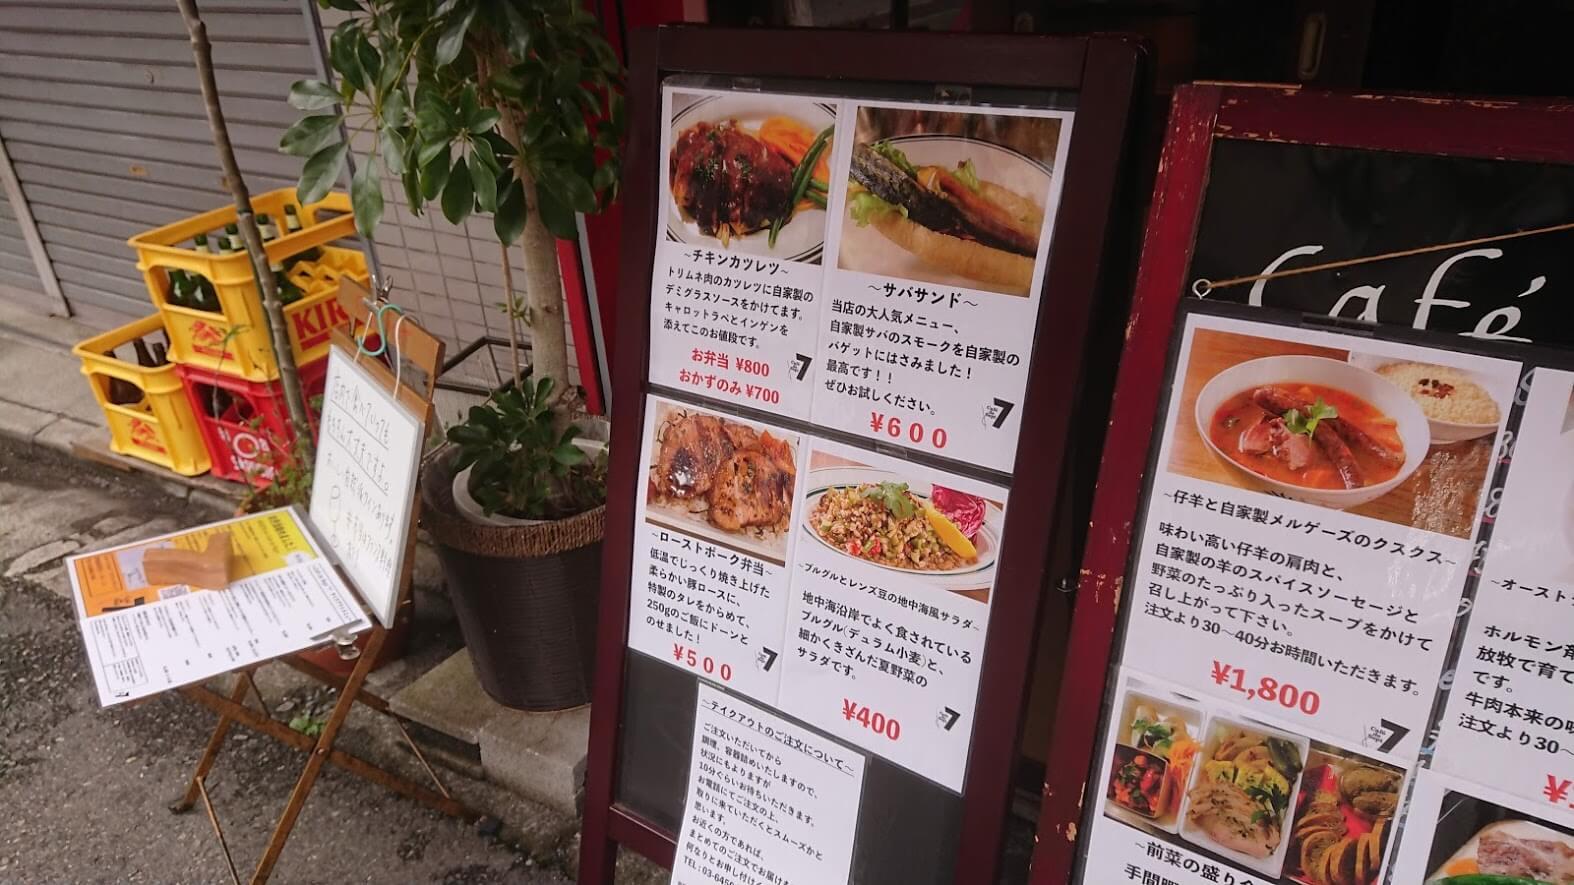 カフェ・ド・セット Cafe de Sept 7 テイクアウト写真 下北沢